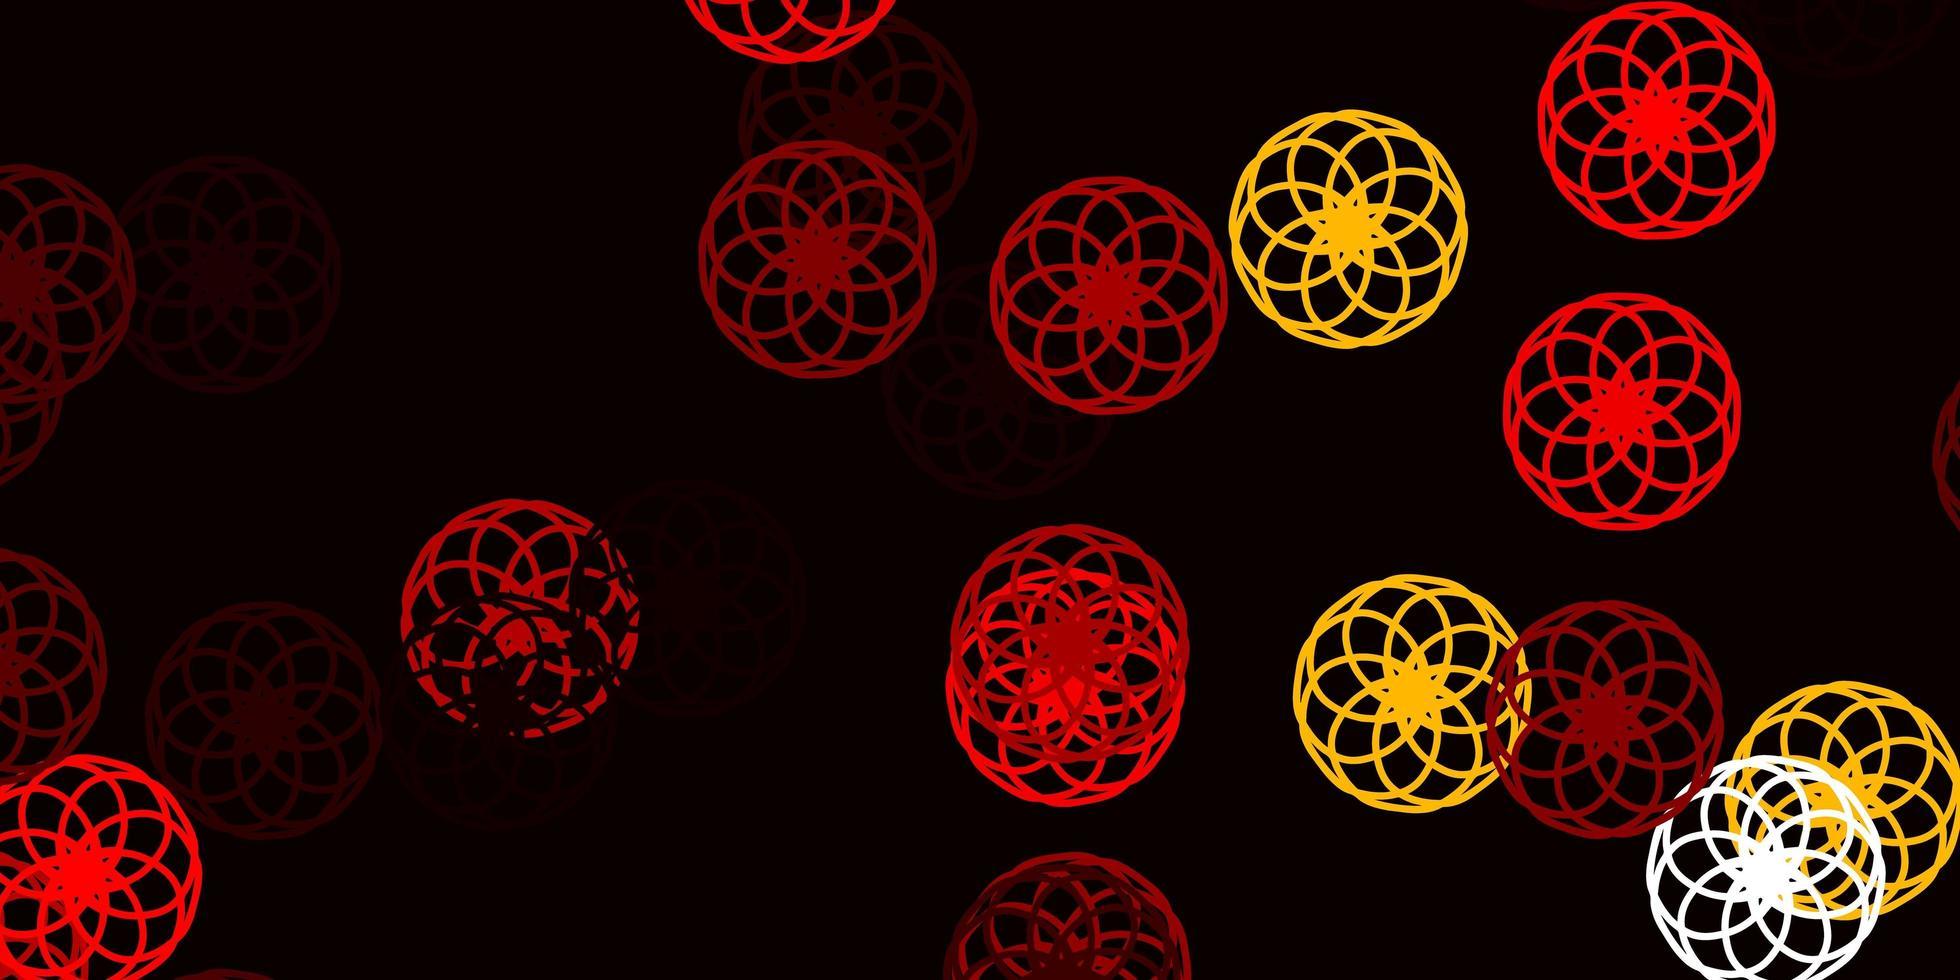 ljusröd, gul vektorbakgrund med prickar. vektor